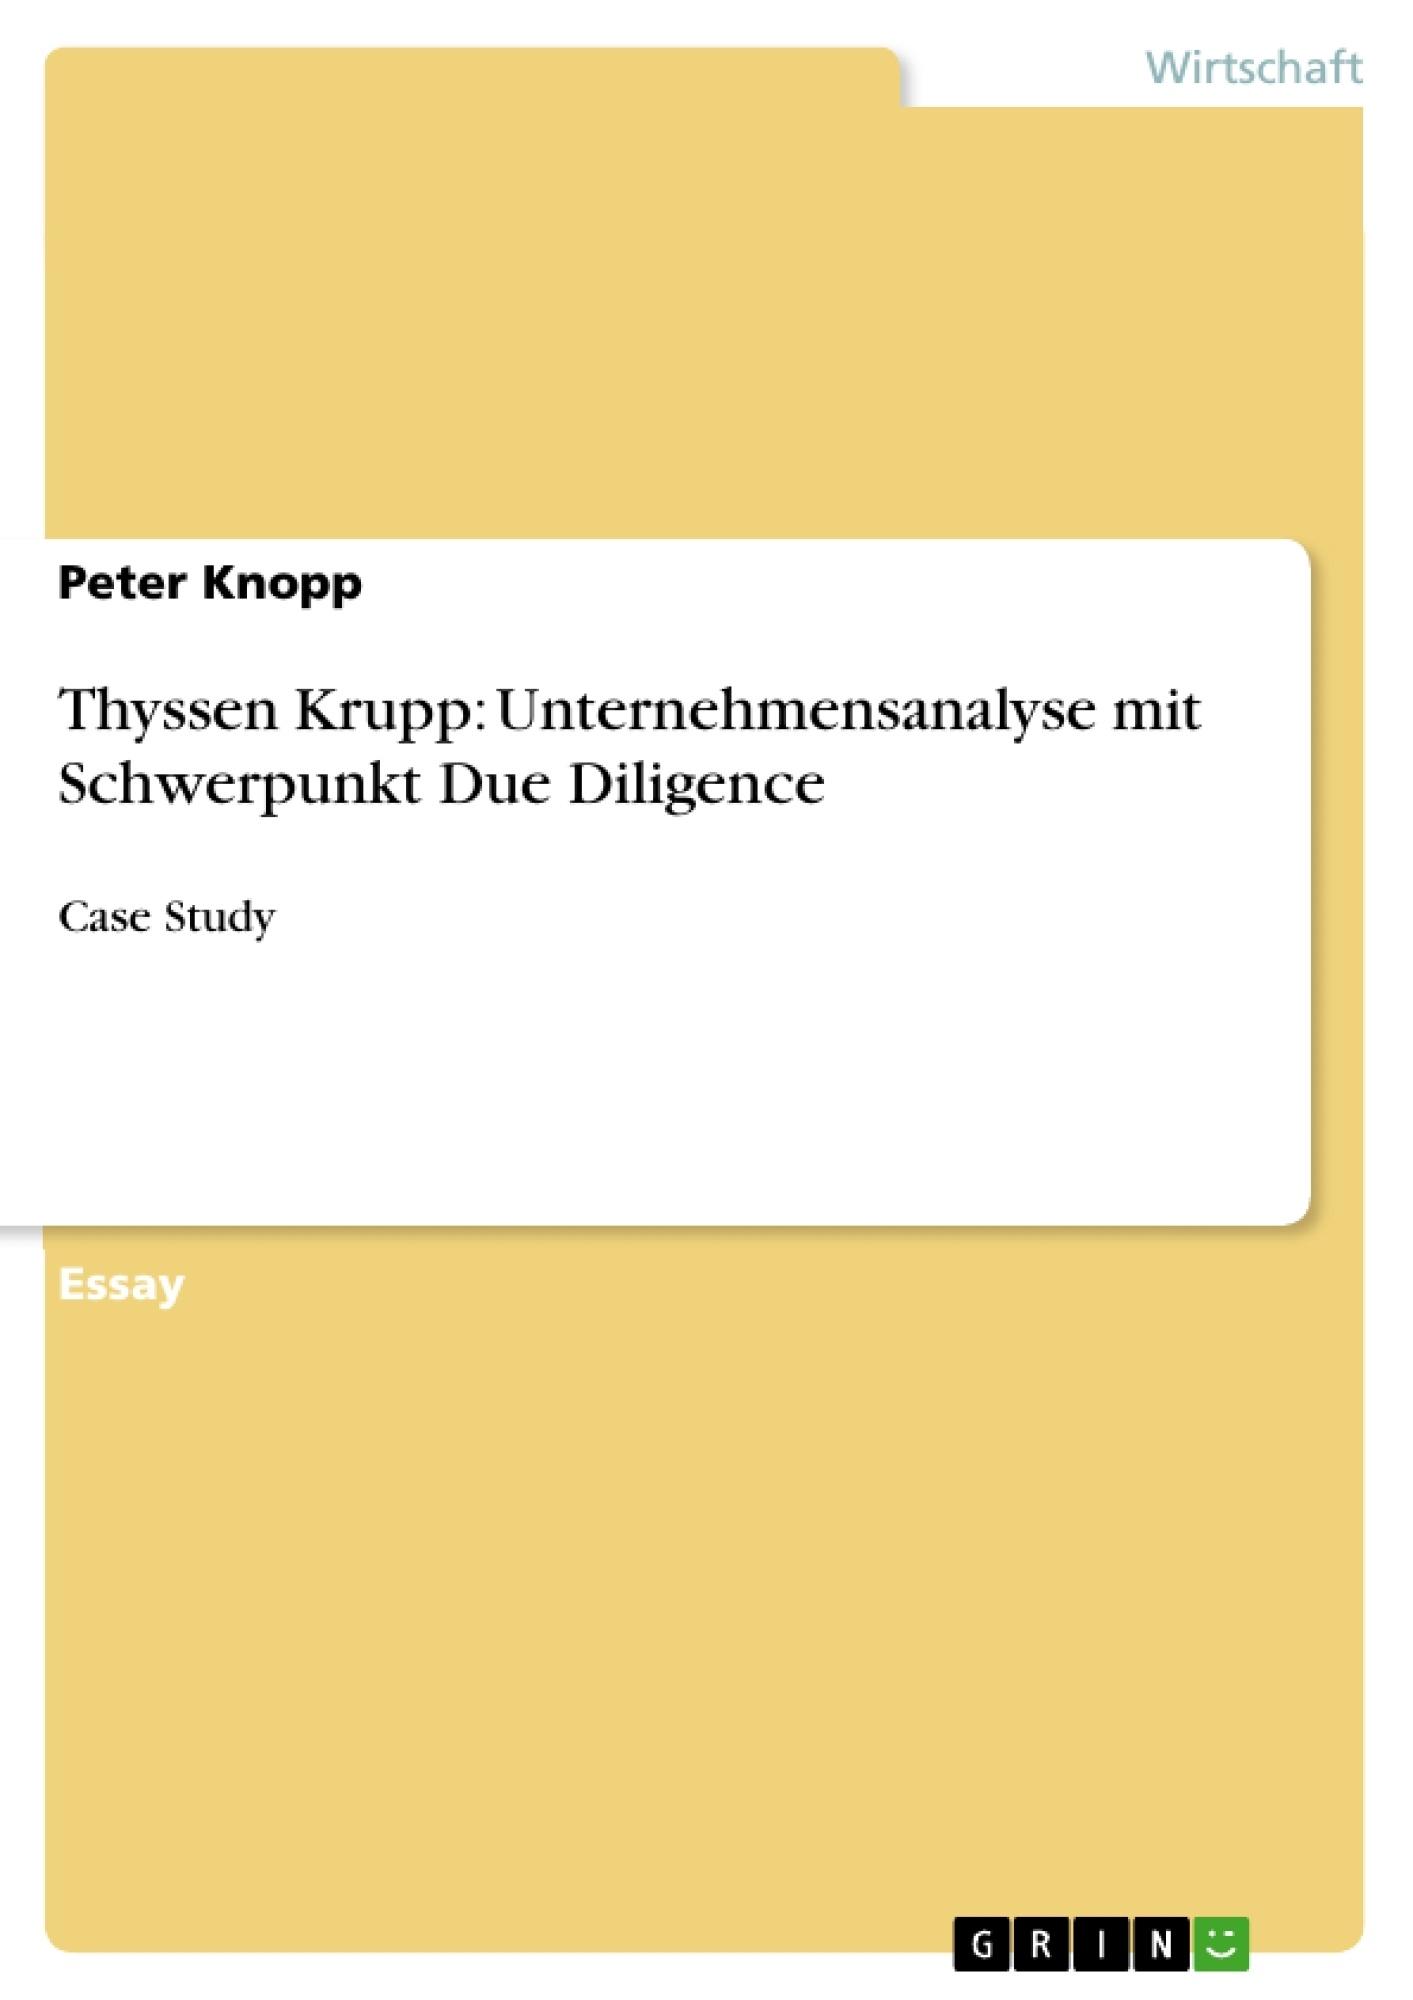 Titel: Thyssen Krupp: Unternehmensanalyse mit Schwerpunkt Due Diligence